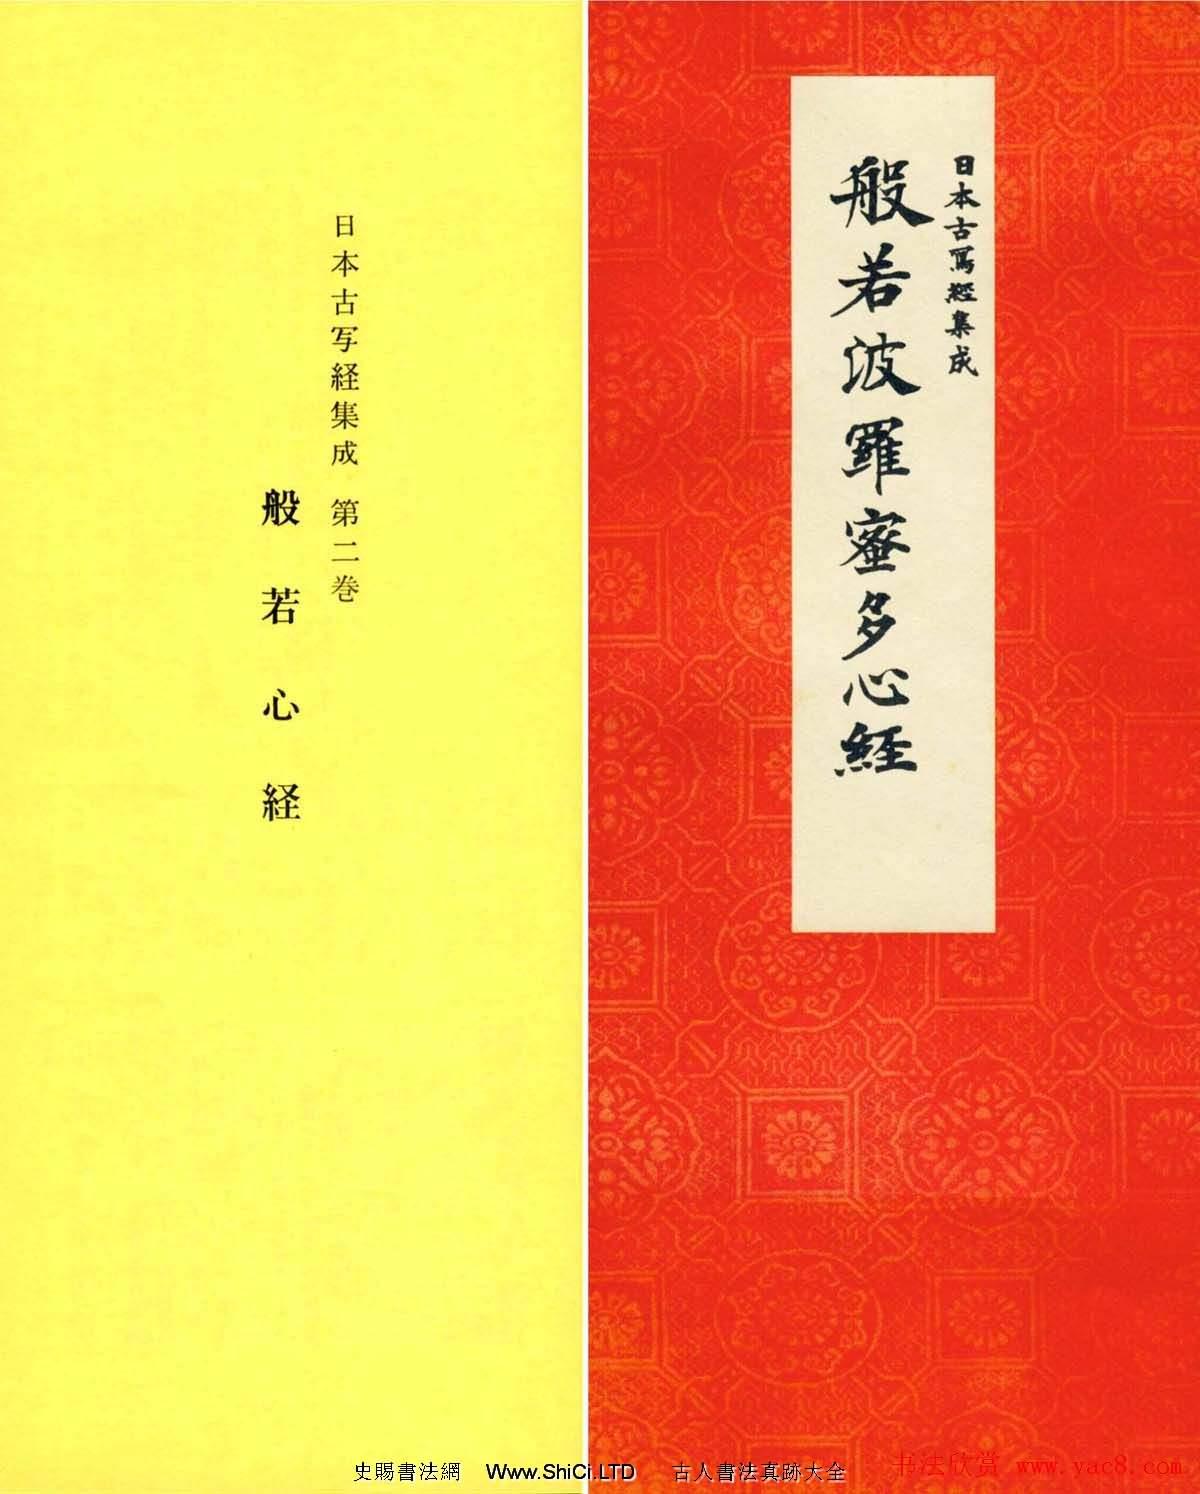 日本古寫經集成--般若波羅密多心經(共9張圖片)